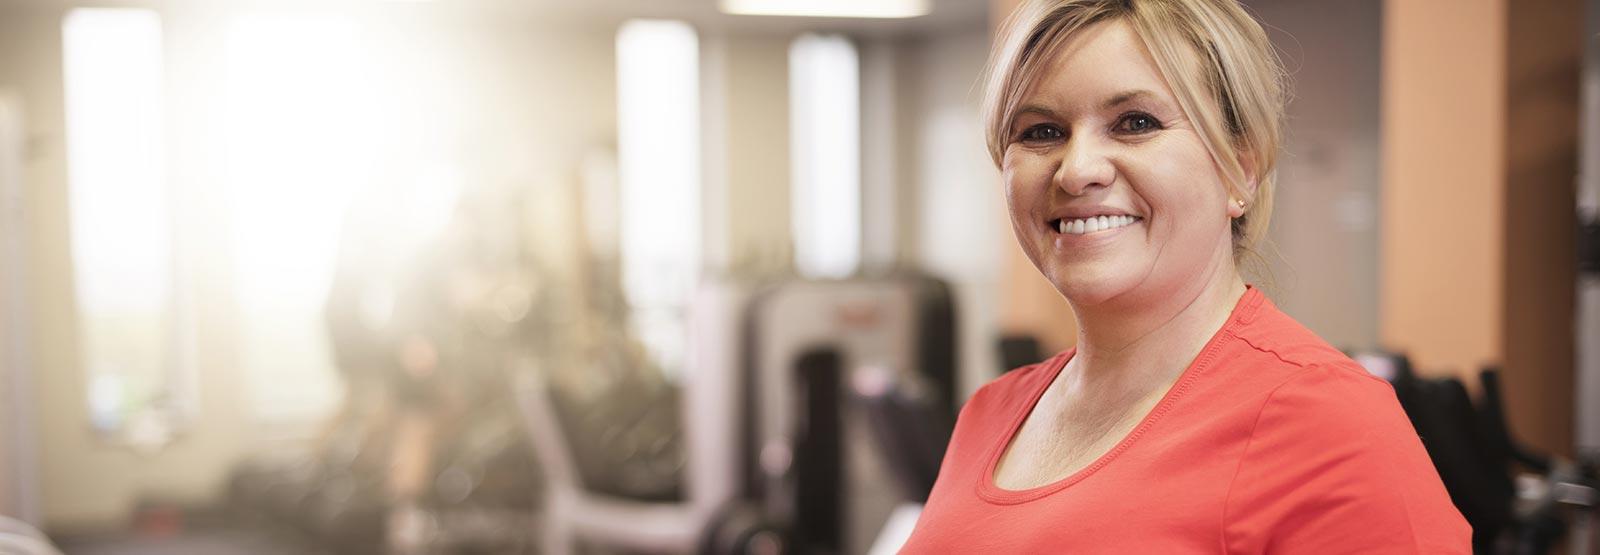 Female in a gym